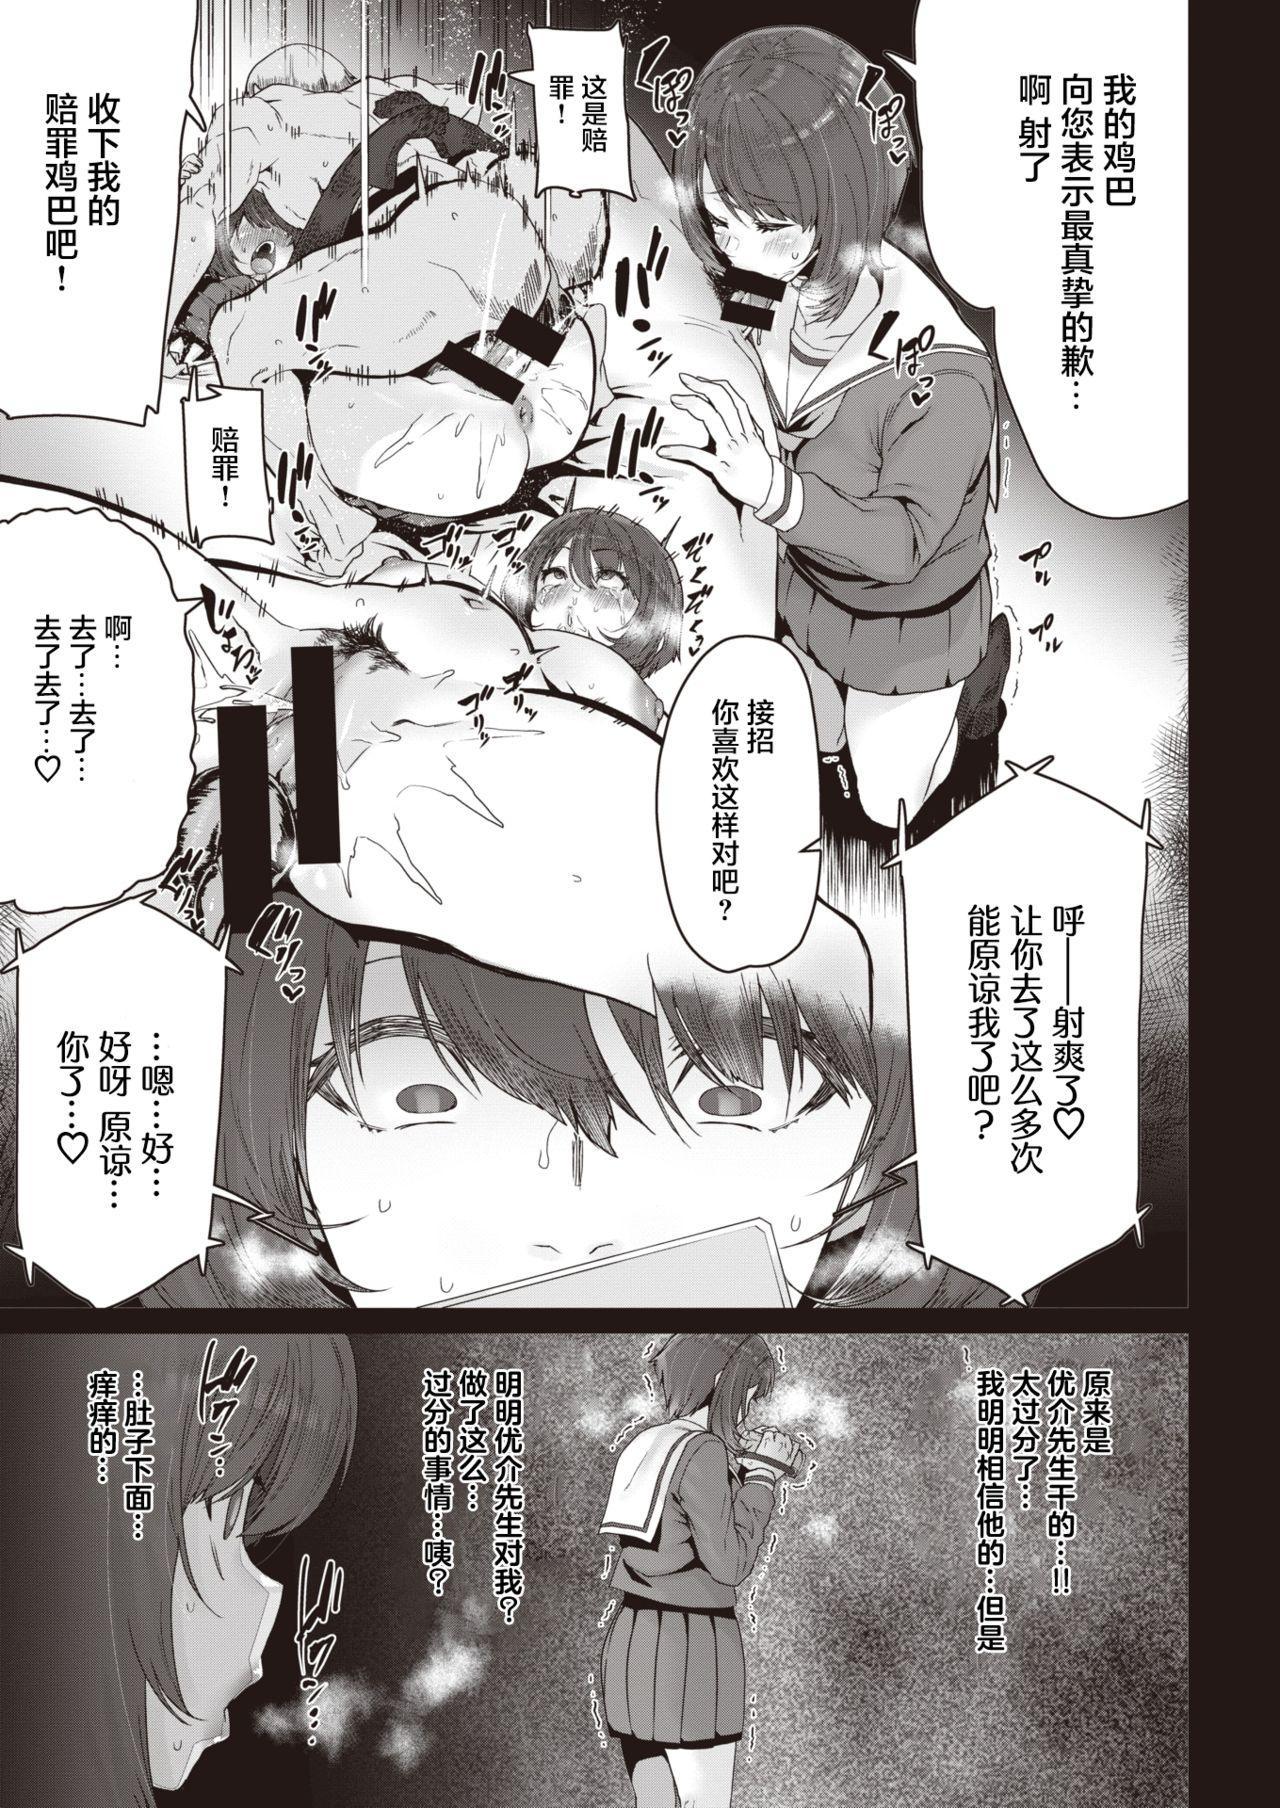 Zoku Tenohira no Ue de Watashi to... 6